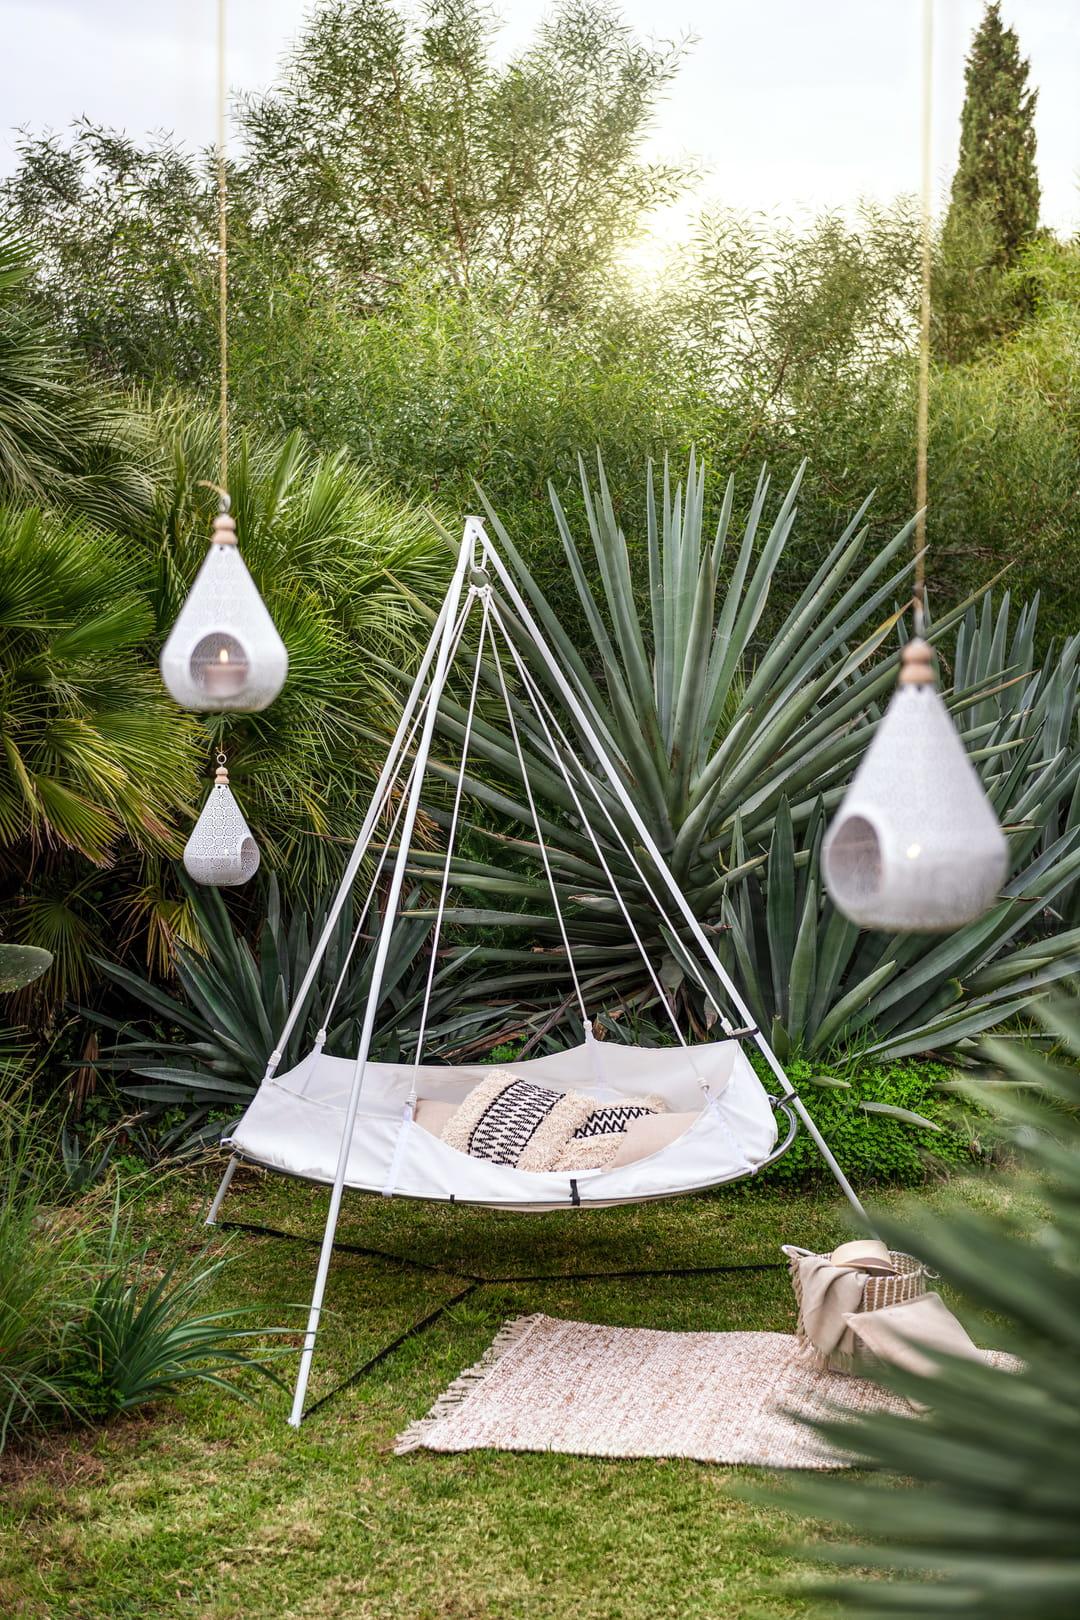 hamac-suspendu-jardin-bivouac